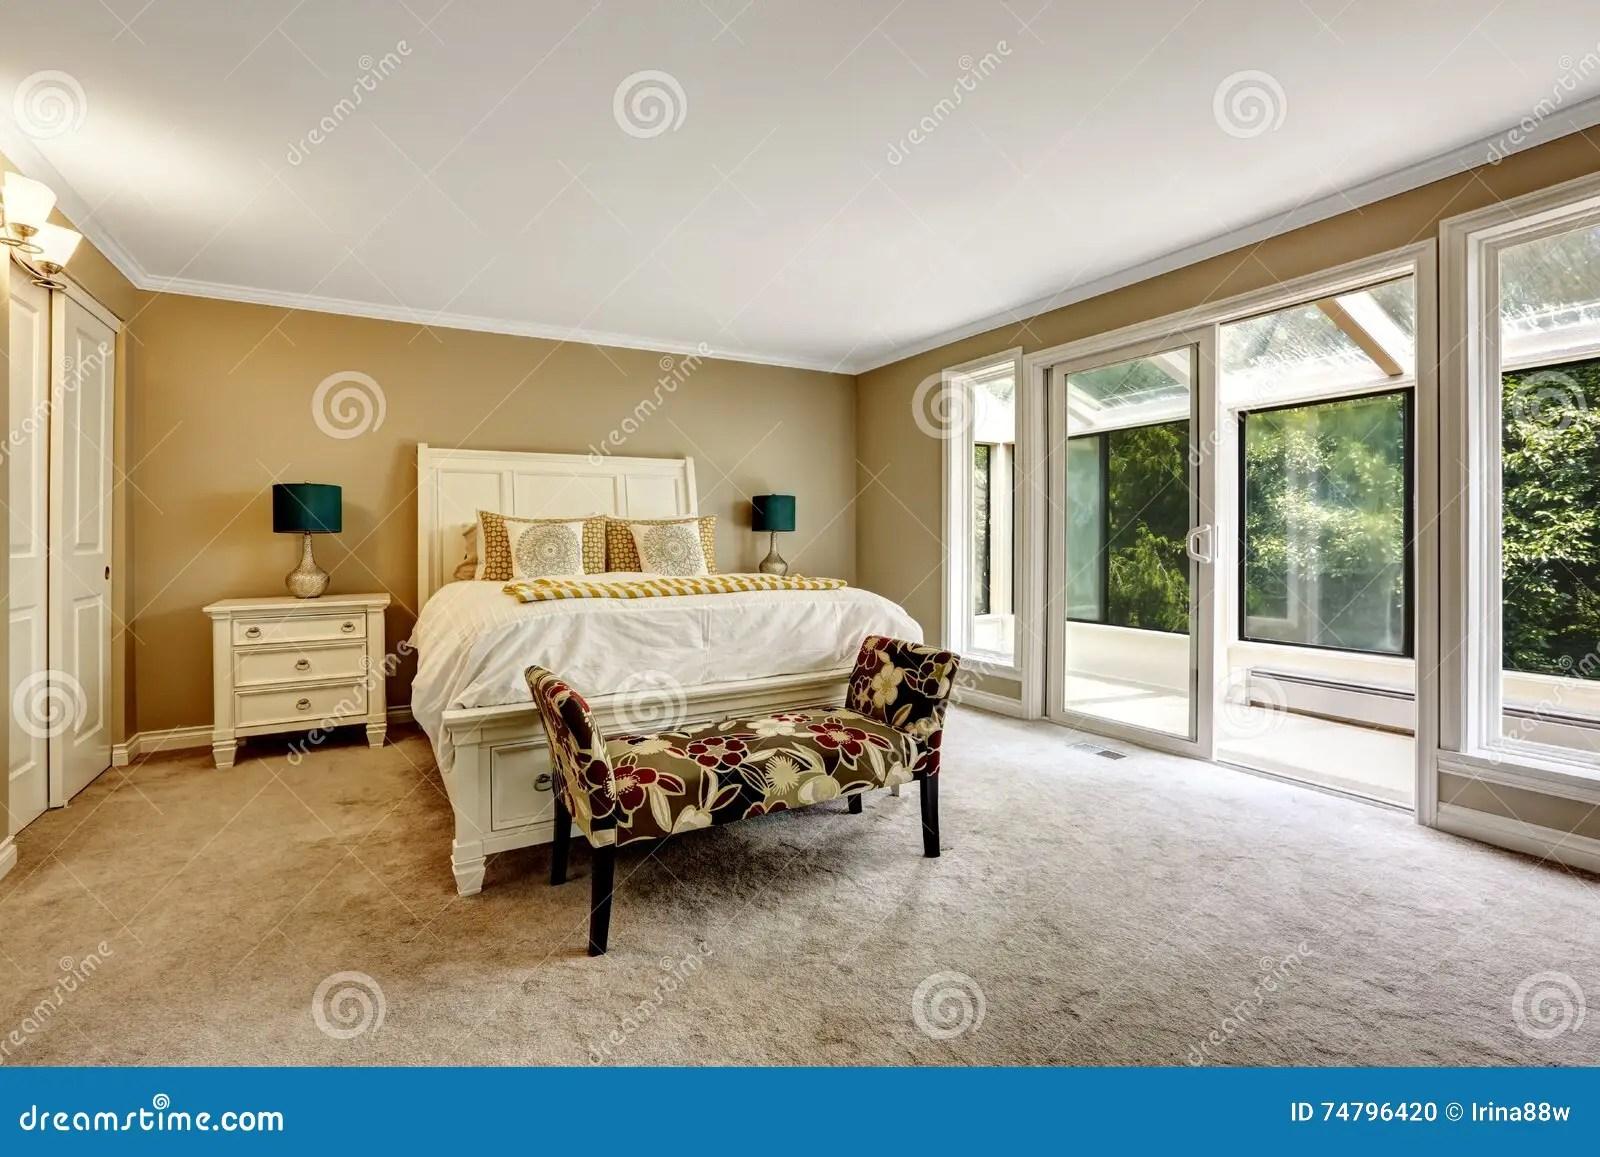 Scegliere un design per un appartamento (soggiorno, camera da letto, cucina). Camera Da Letto Principale In Stile Americano Con Letto Matrimoniale Bianco Fotografia Stock Immagine Di Americano Moderno 74796420